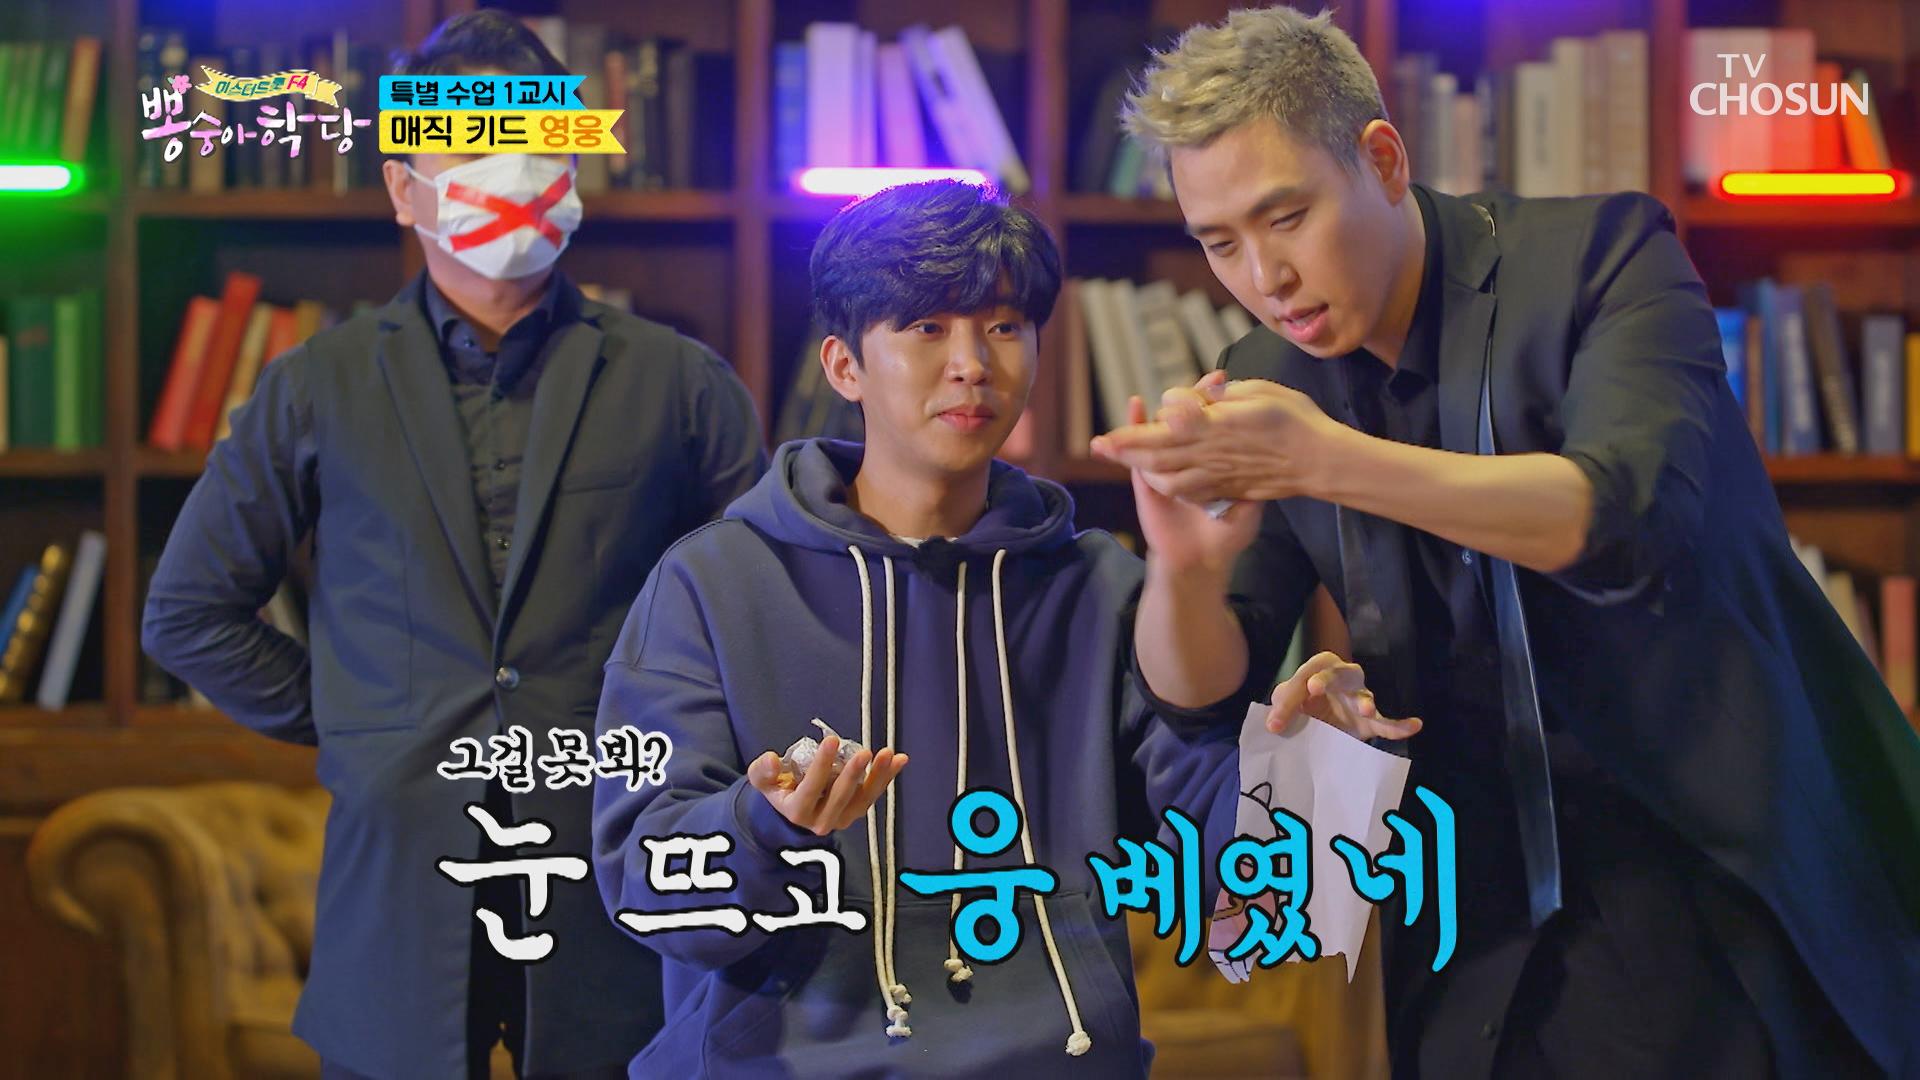 영웅이를 속여라↗ 웅이만 모르는 사기(?)쇼ㅋㅋ TV CHOSUN 20210106 방송